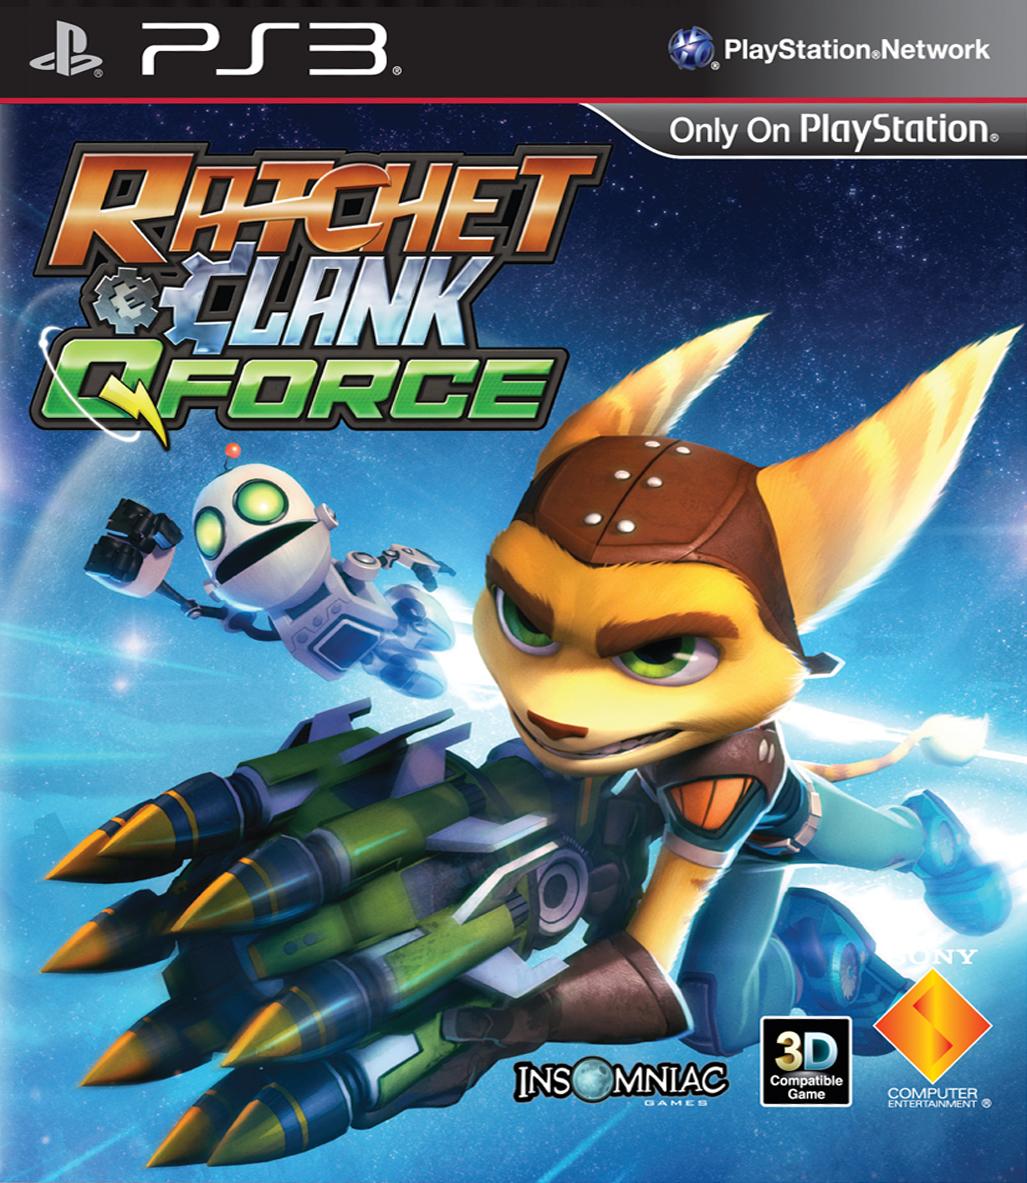 Ratchet-Clank-QForce PS3 Jaquette 002